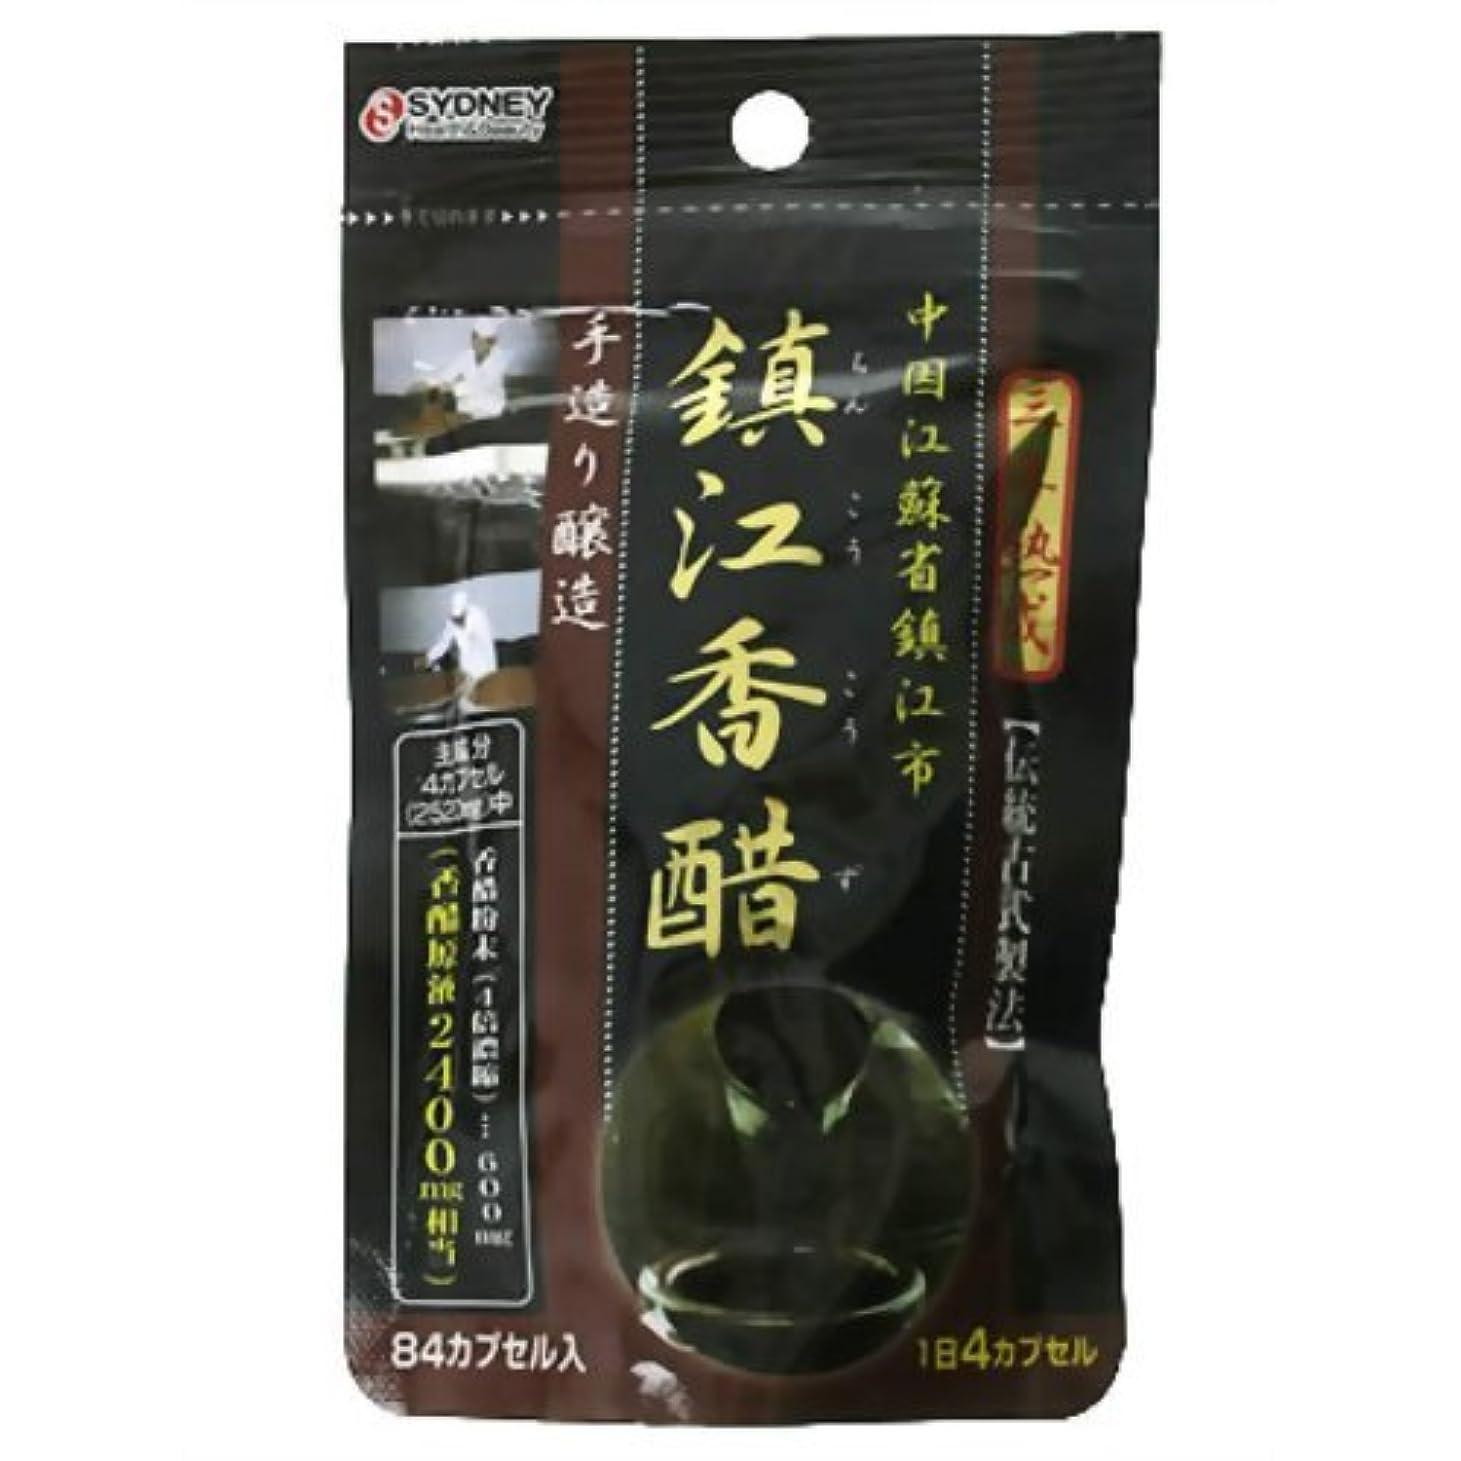 命令的祖母ソーシャル鎮江香酢(三年熟成?伝統古式製法) 84カプセル